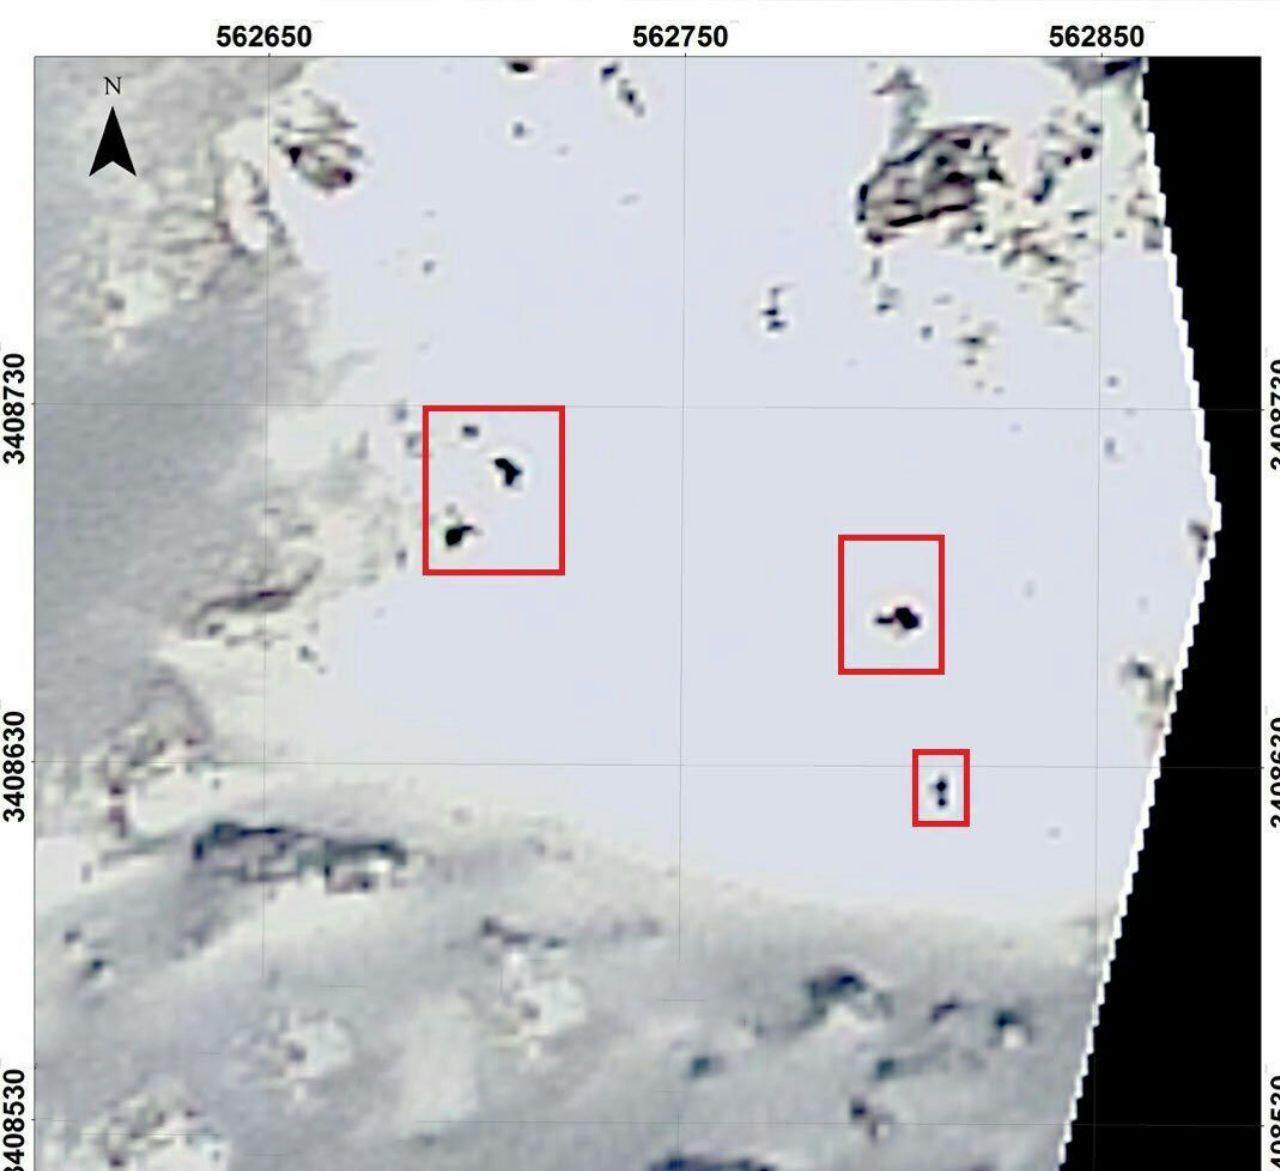 هواپیمایی آسمان هواپیما تهران یاسوج مشخصات هواپیما ATR سقوط هواپیما ایمنی هواپیمای atr اخبار یاسوج اخبار سمیرم